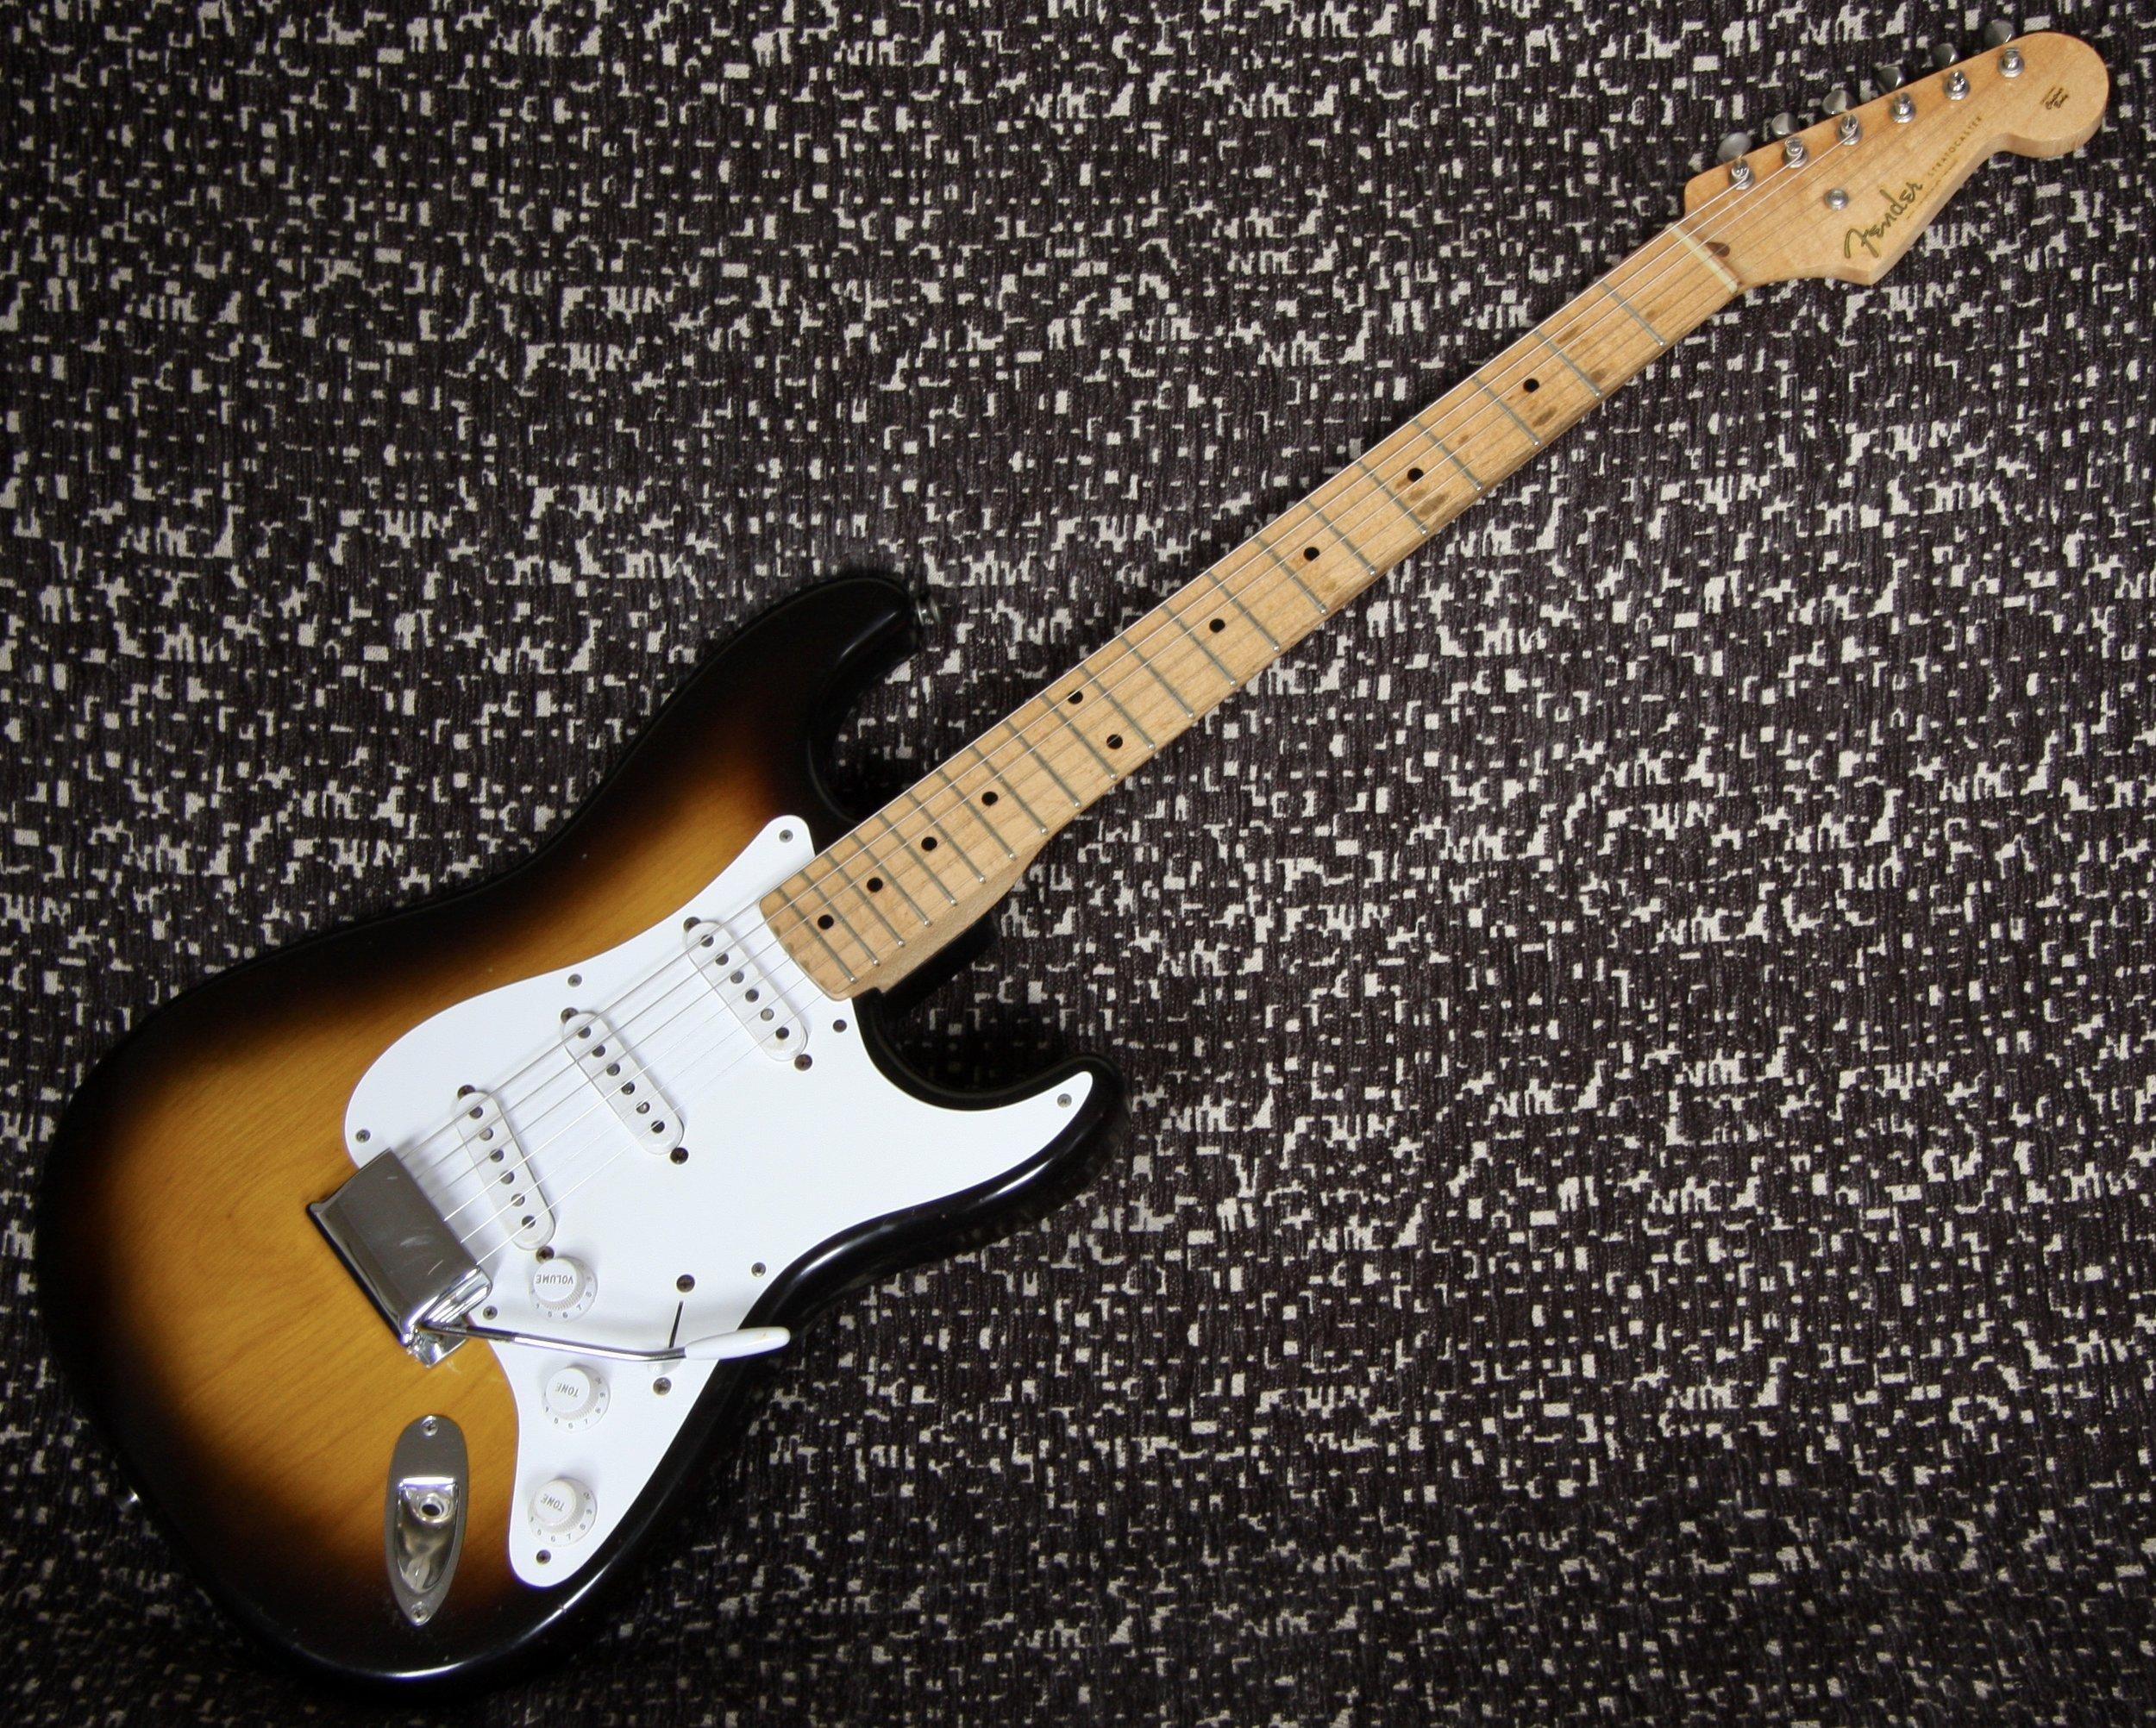 1956 Fender Stratocaster